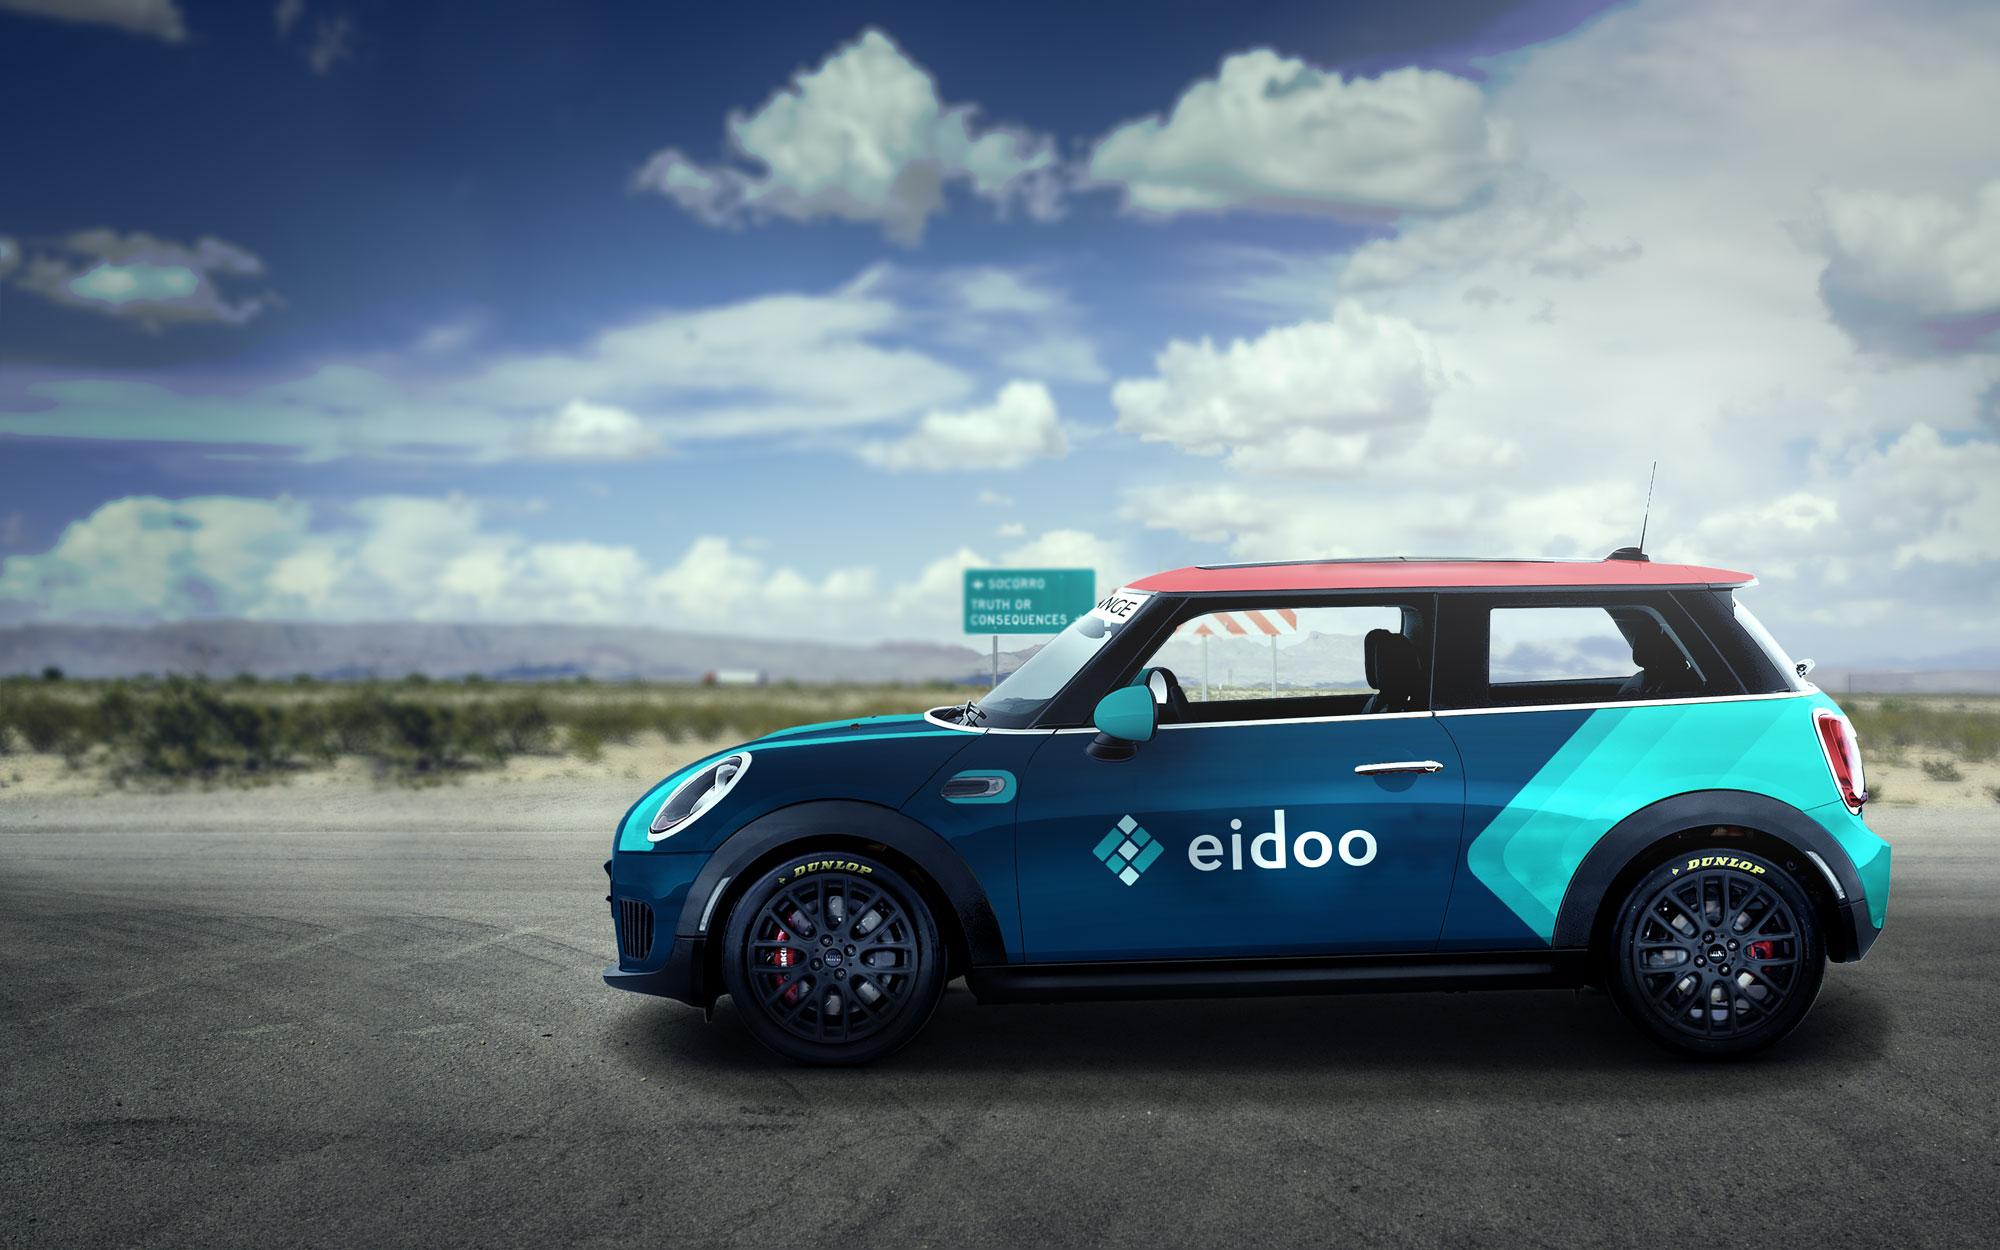 eidoo mini challenge 2019